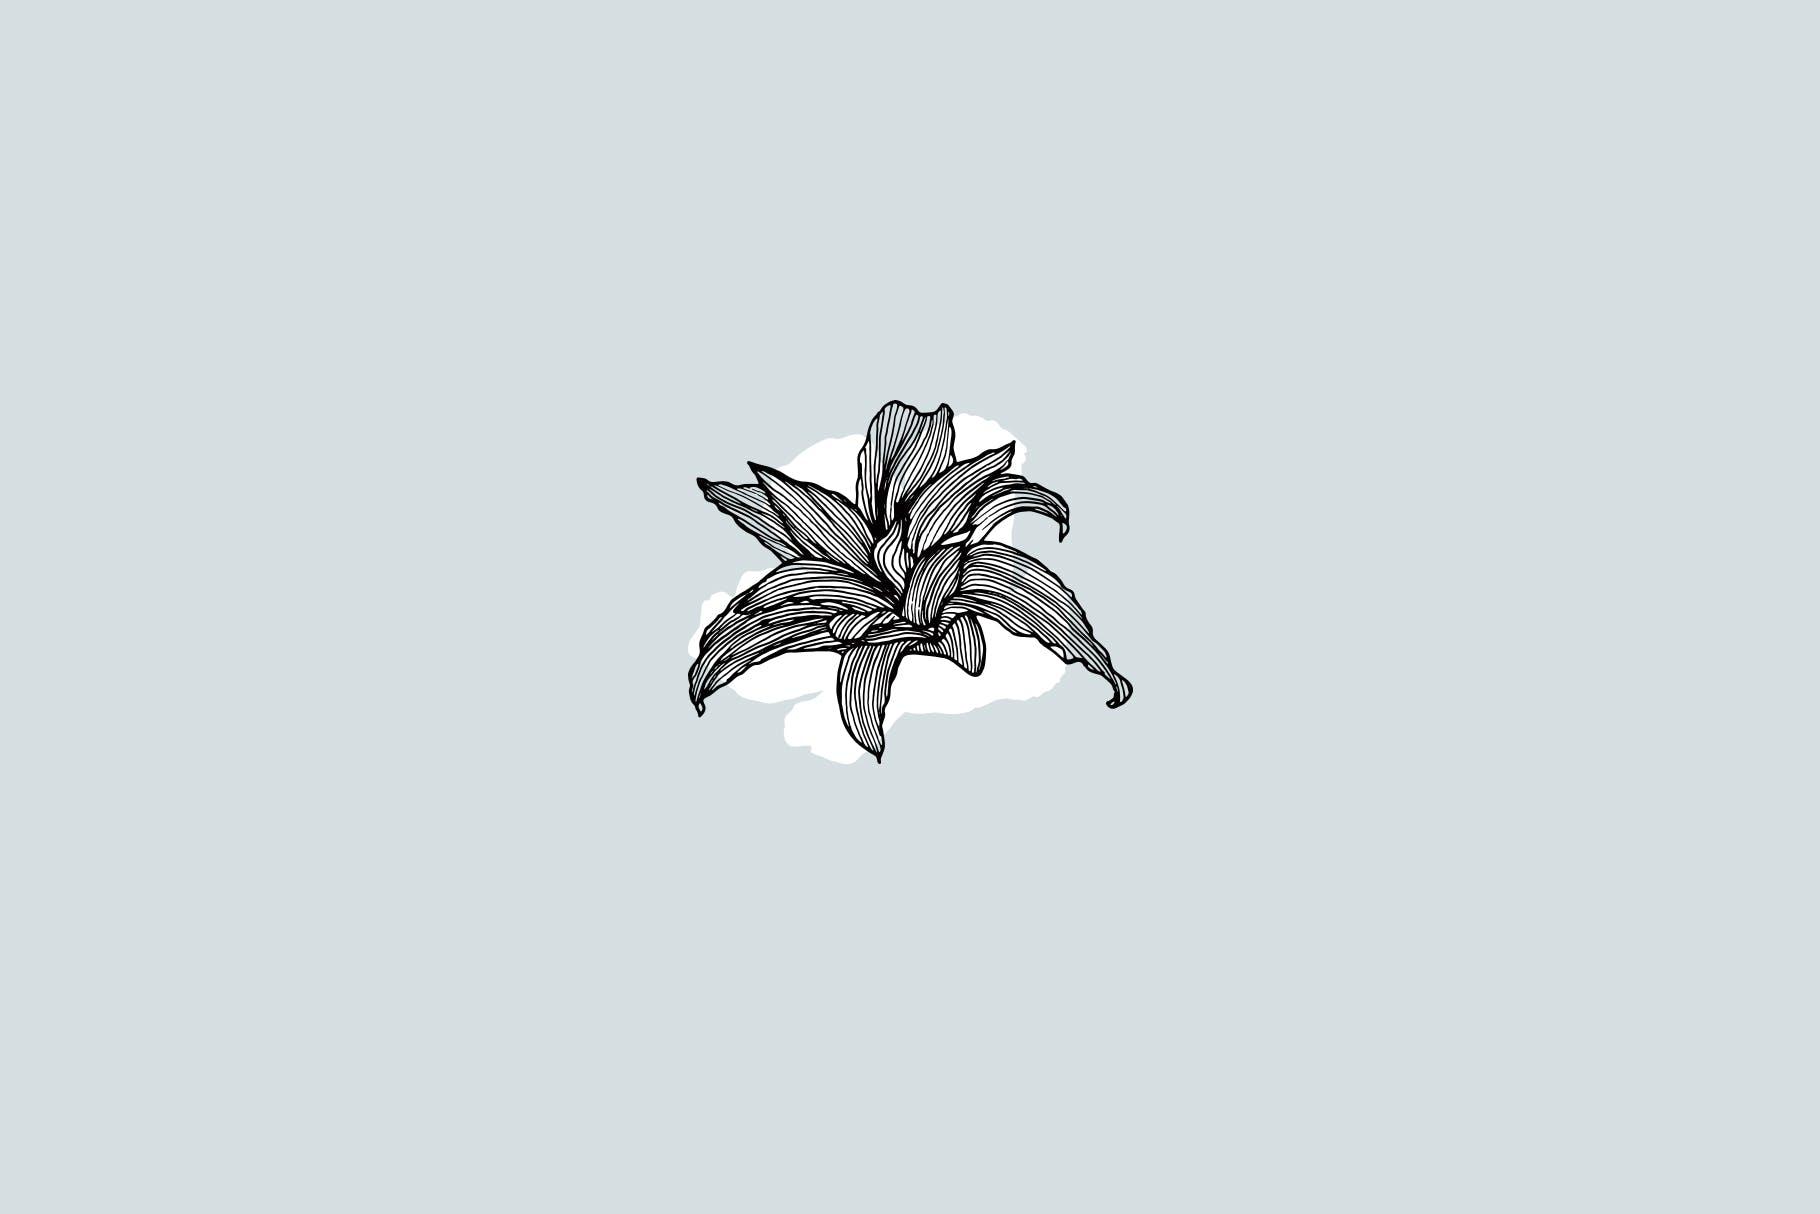 线条艺术花卉矢量图案元素Lineart Floral Patterns Elements插图(4)